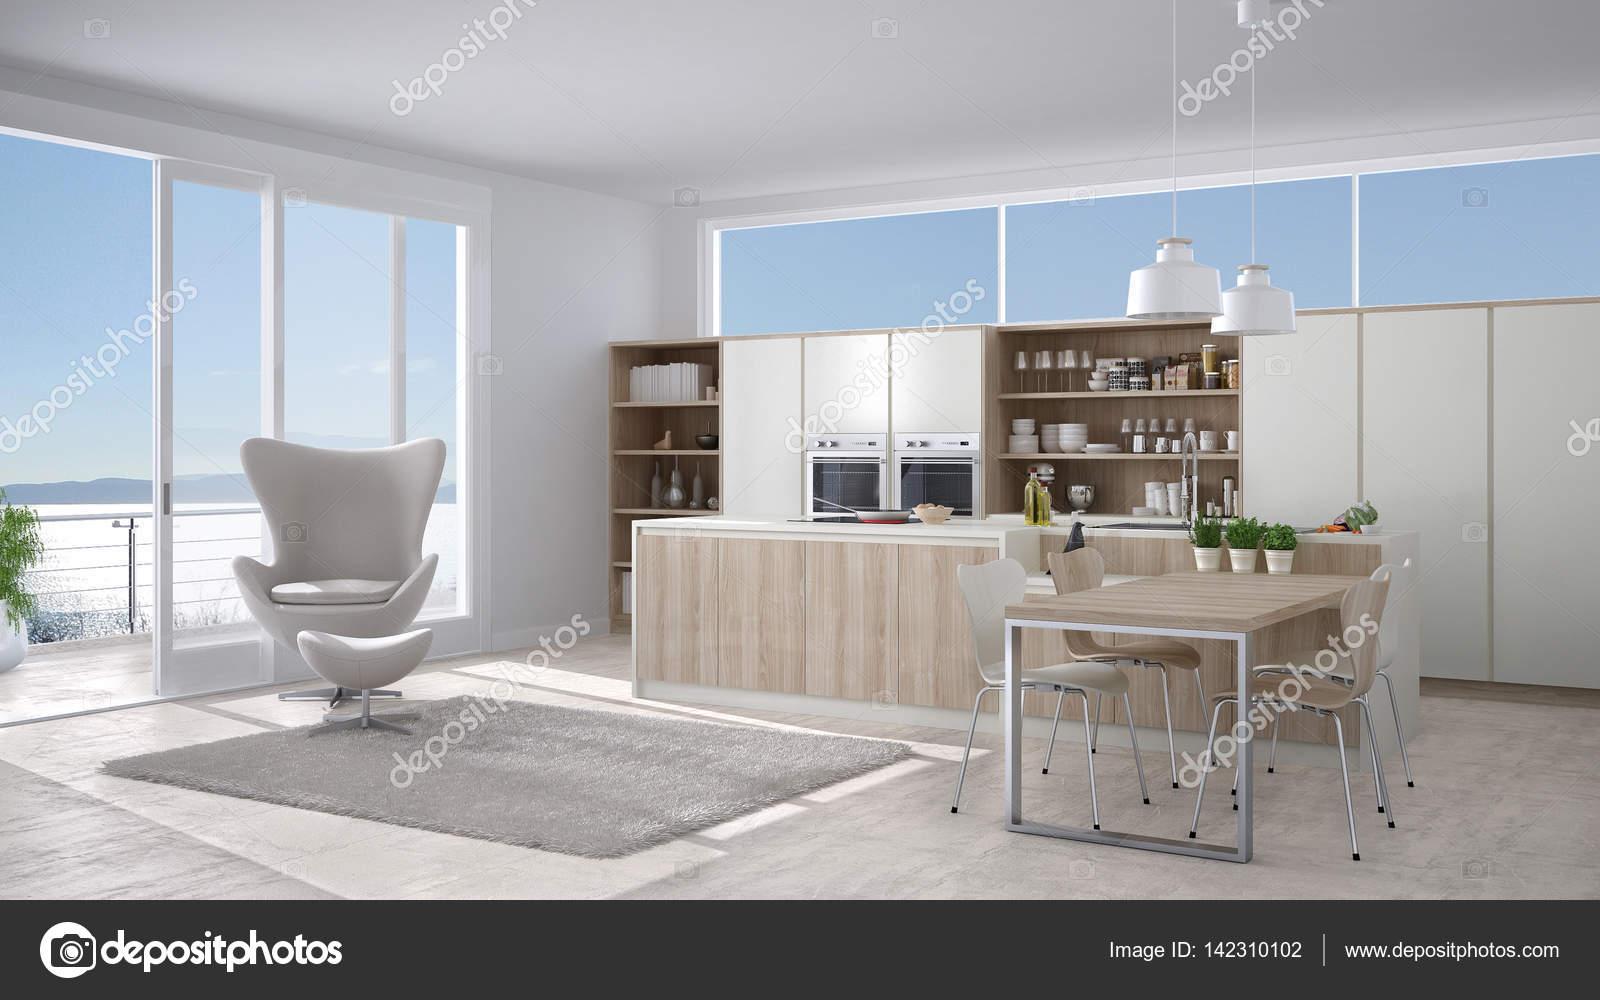 Moderne witte keuken met houten details groot raam met zee of